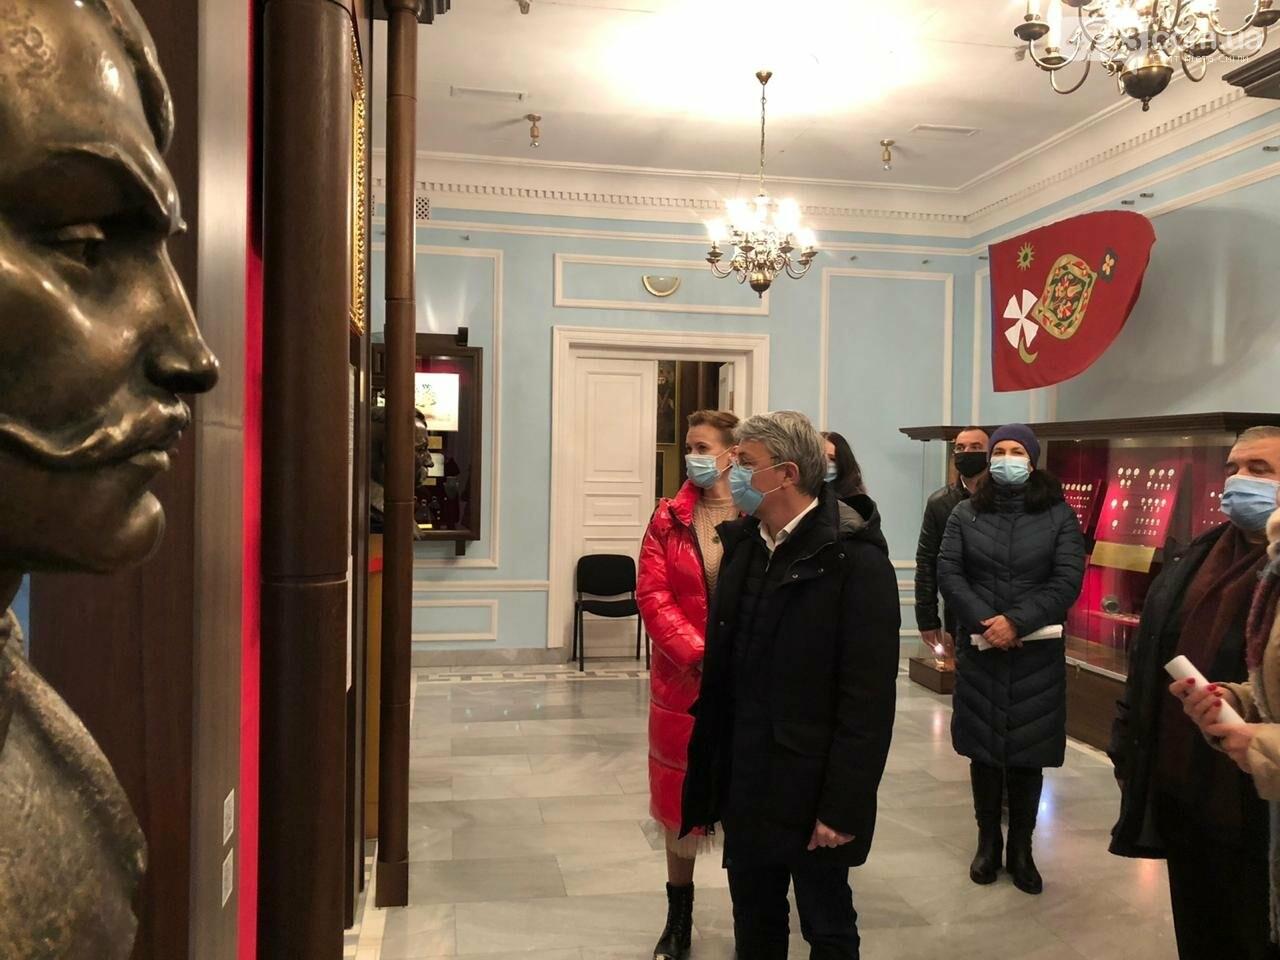 Міністр культури: «Черкащина ідеальна для туризму», фото-3, Черкаська ОДА